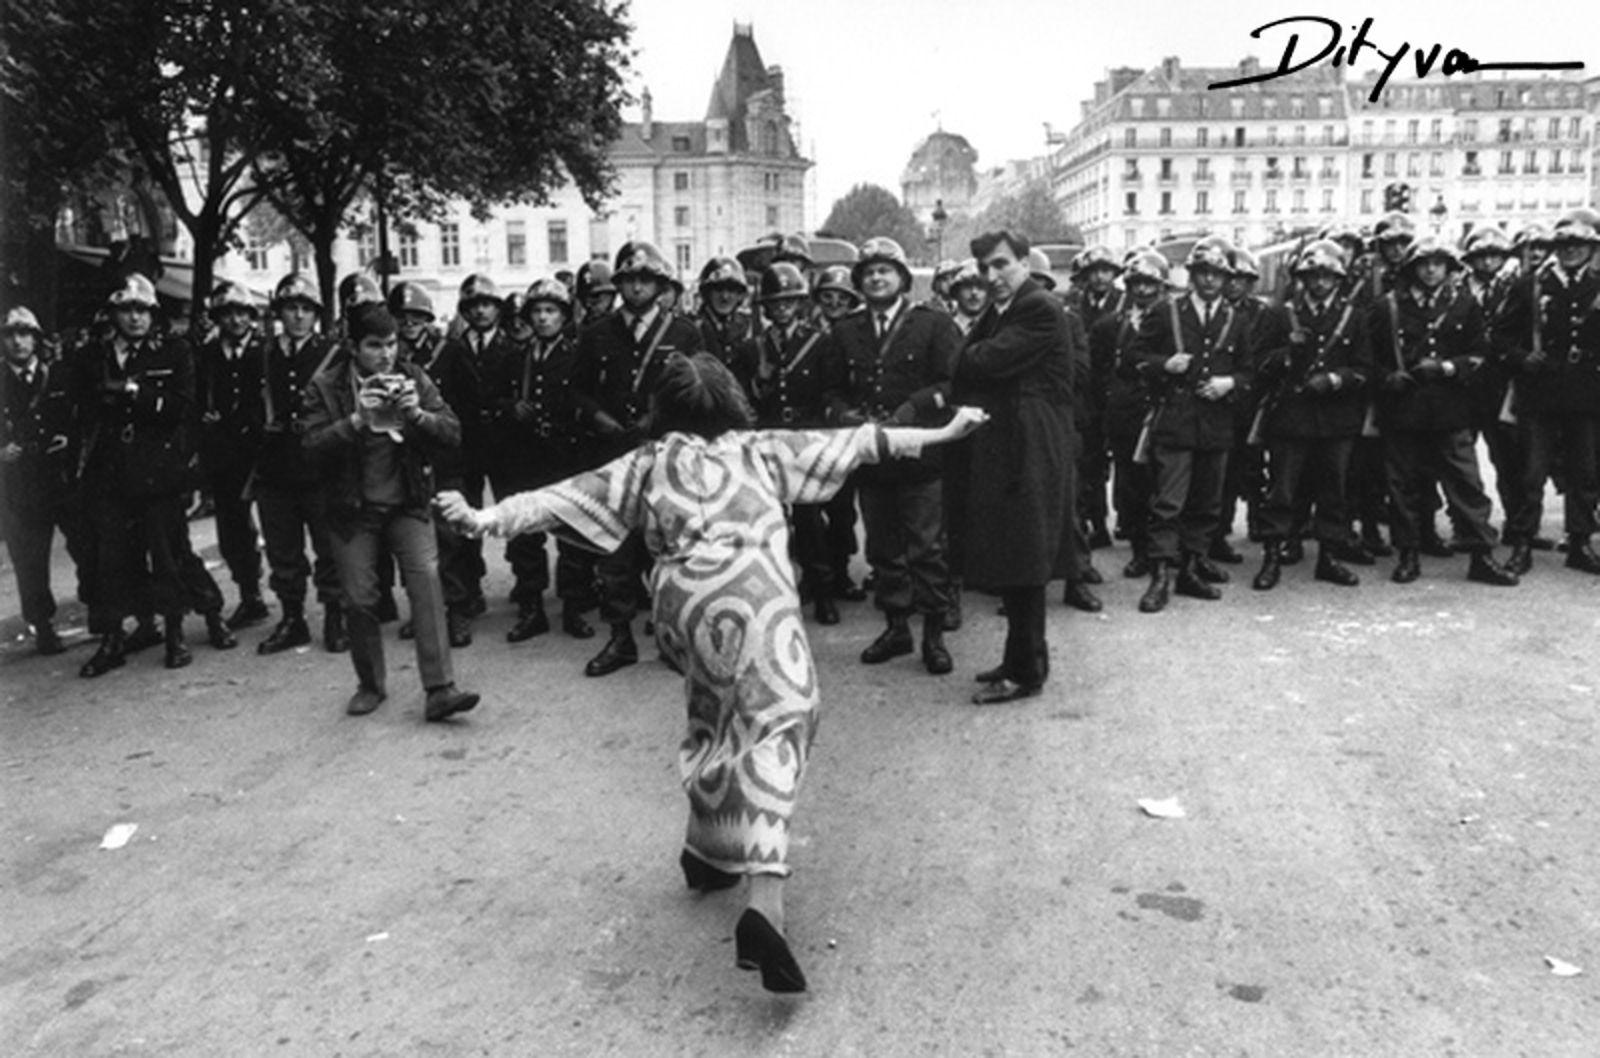 抗議的學生對警察發動挑釁,via keyword-suggestions